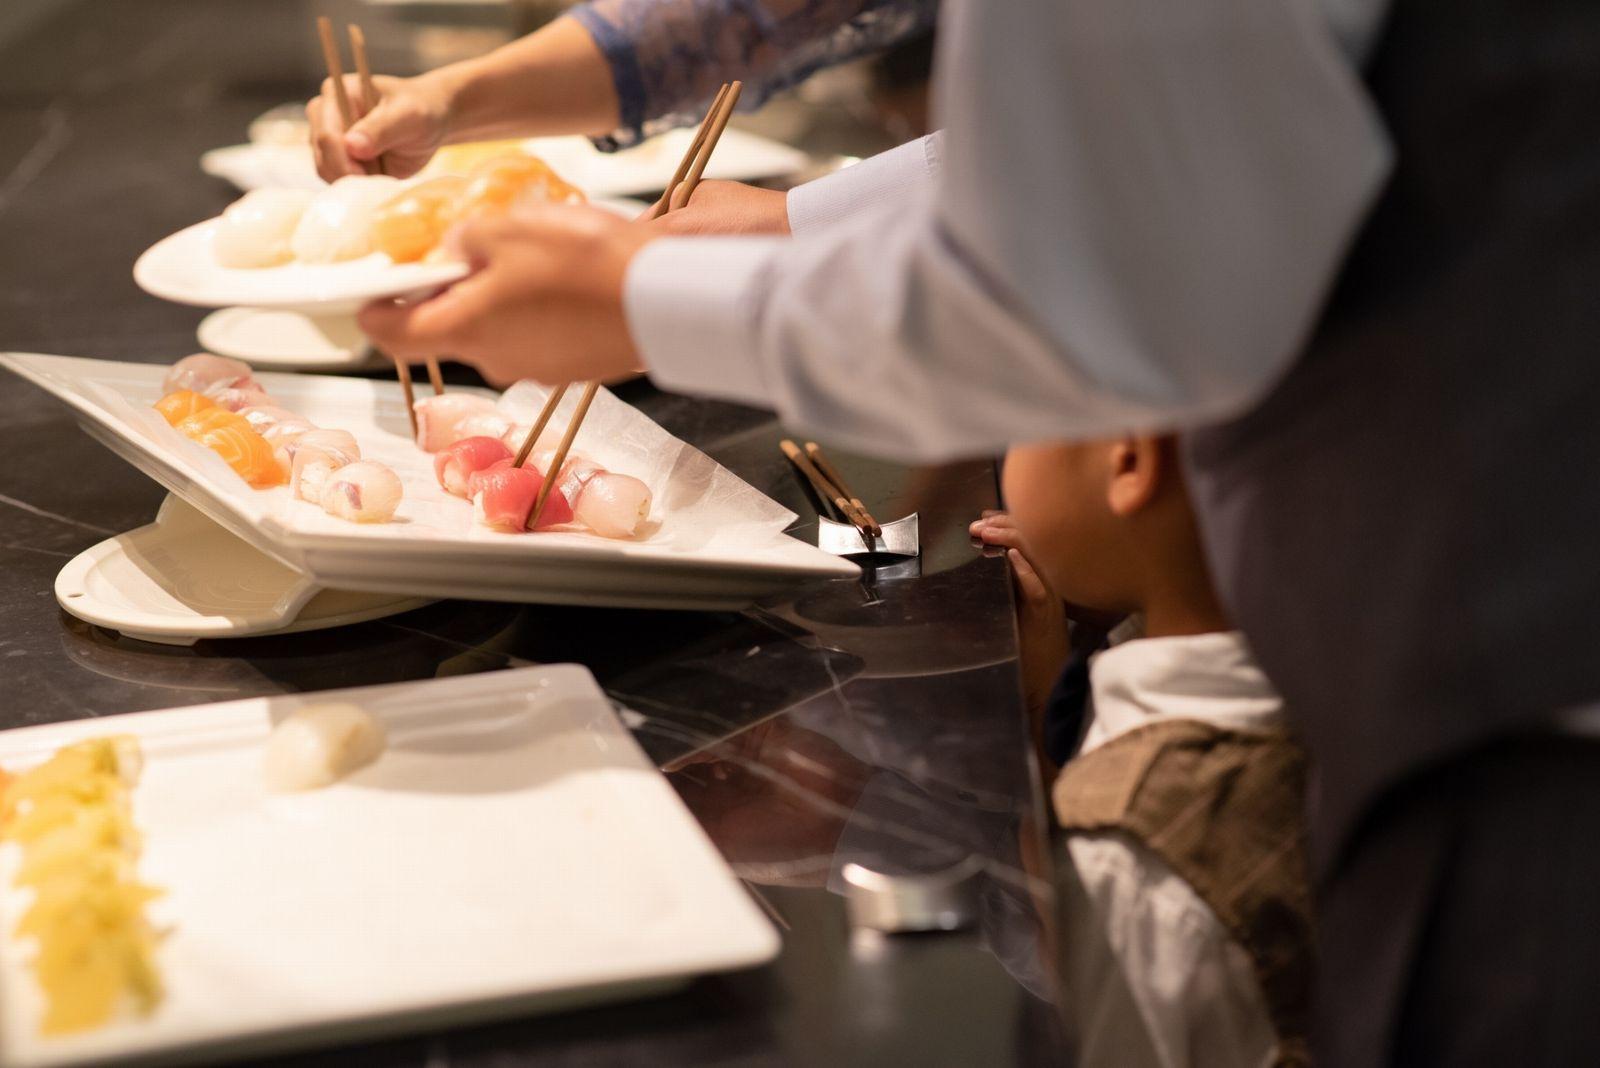 香川県の結婚式場シェルエメール&アイスタイル お茶漬けビュッフェ